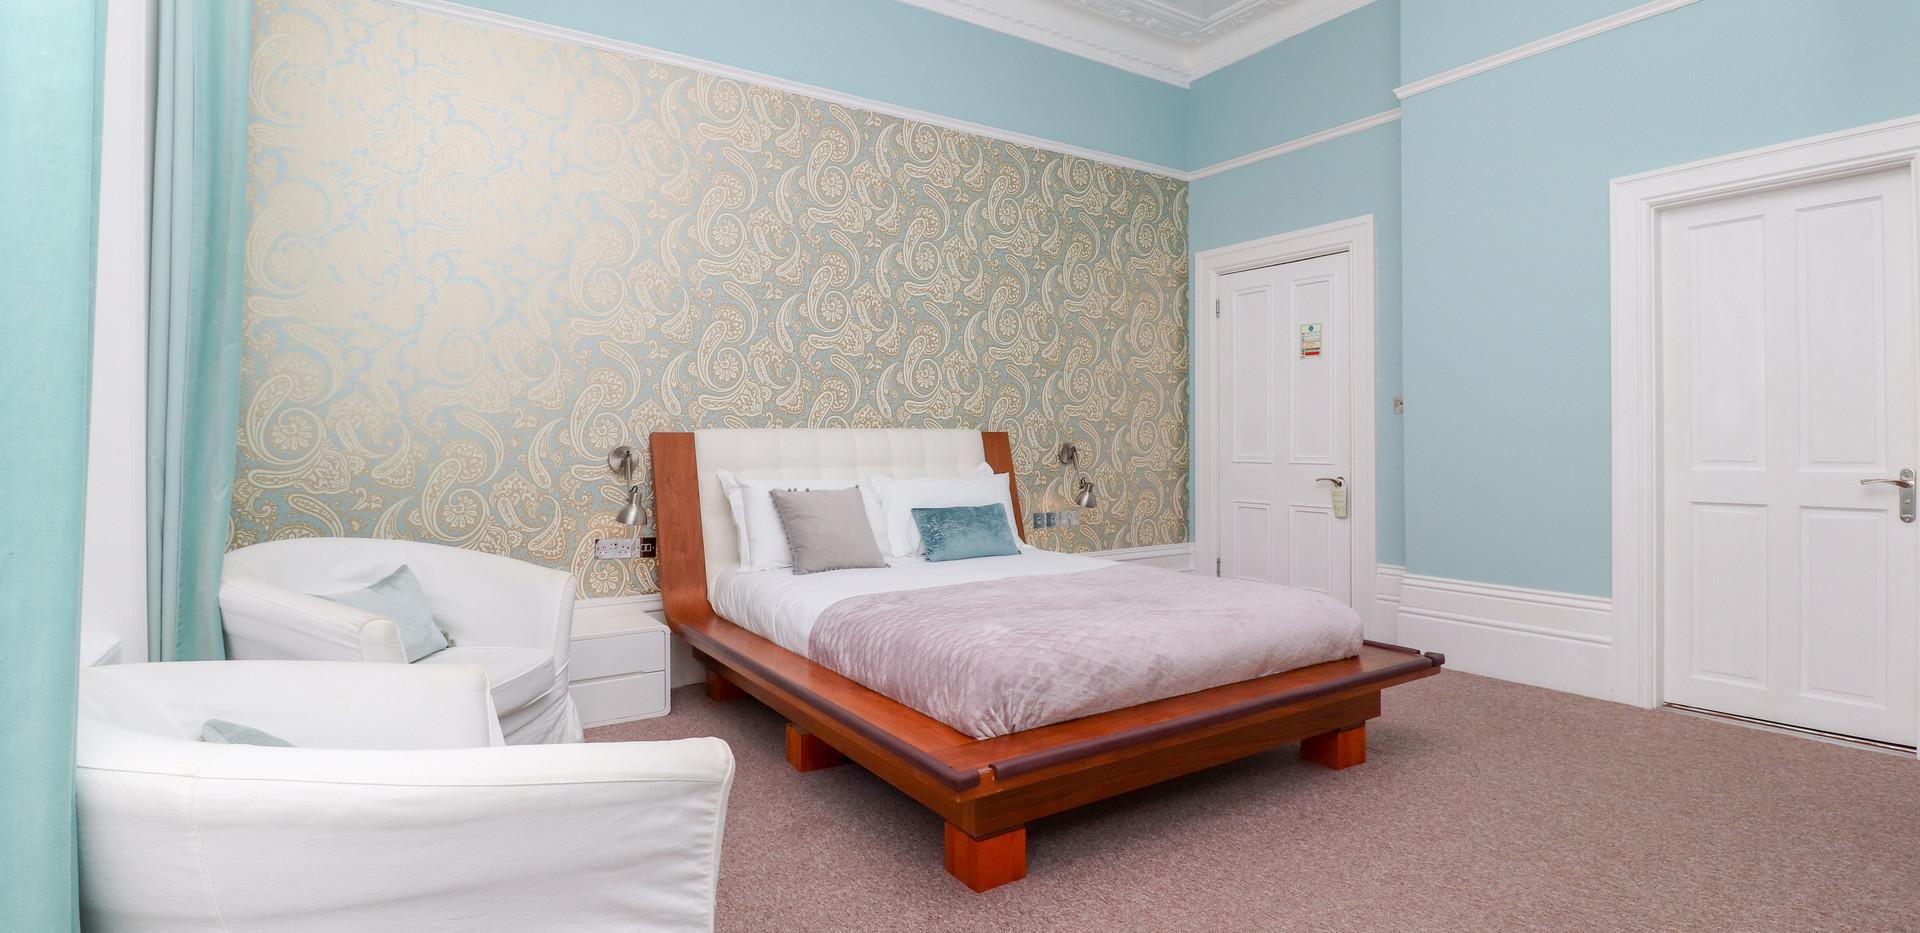 Room2 whole room.jpg